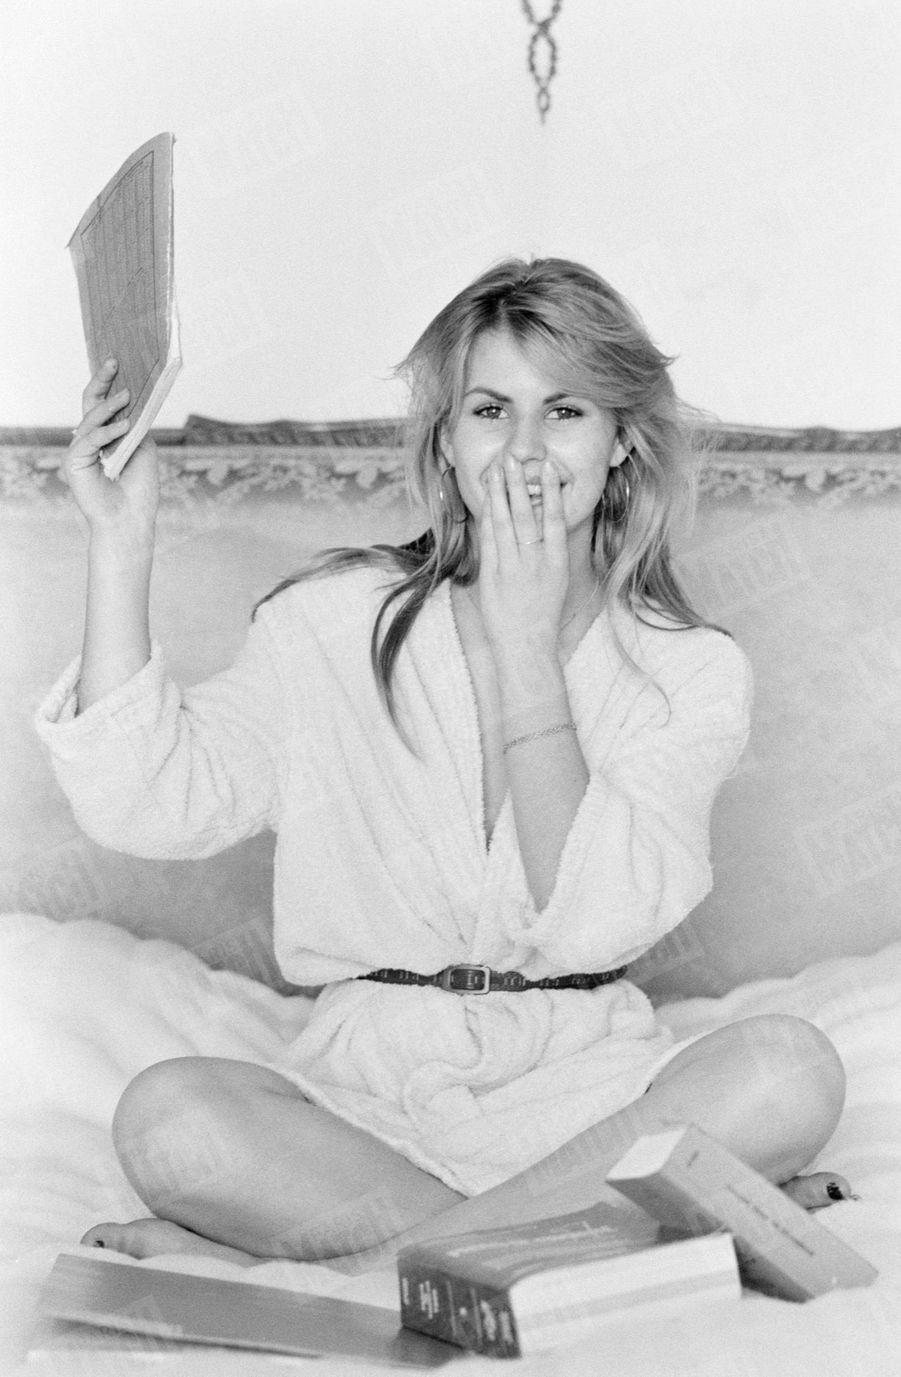 Sabrina Belleval, Miss France 1982, pose pour Match quelques jours après sa victoire, dans la suite napoléonienne du célèbre hôtel Negresco de Nice, sa ville natale.